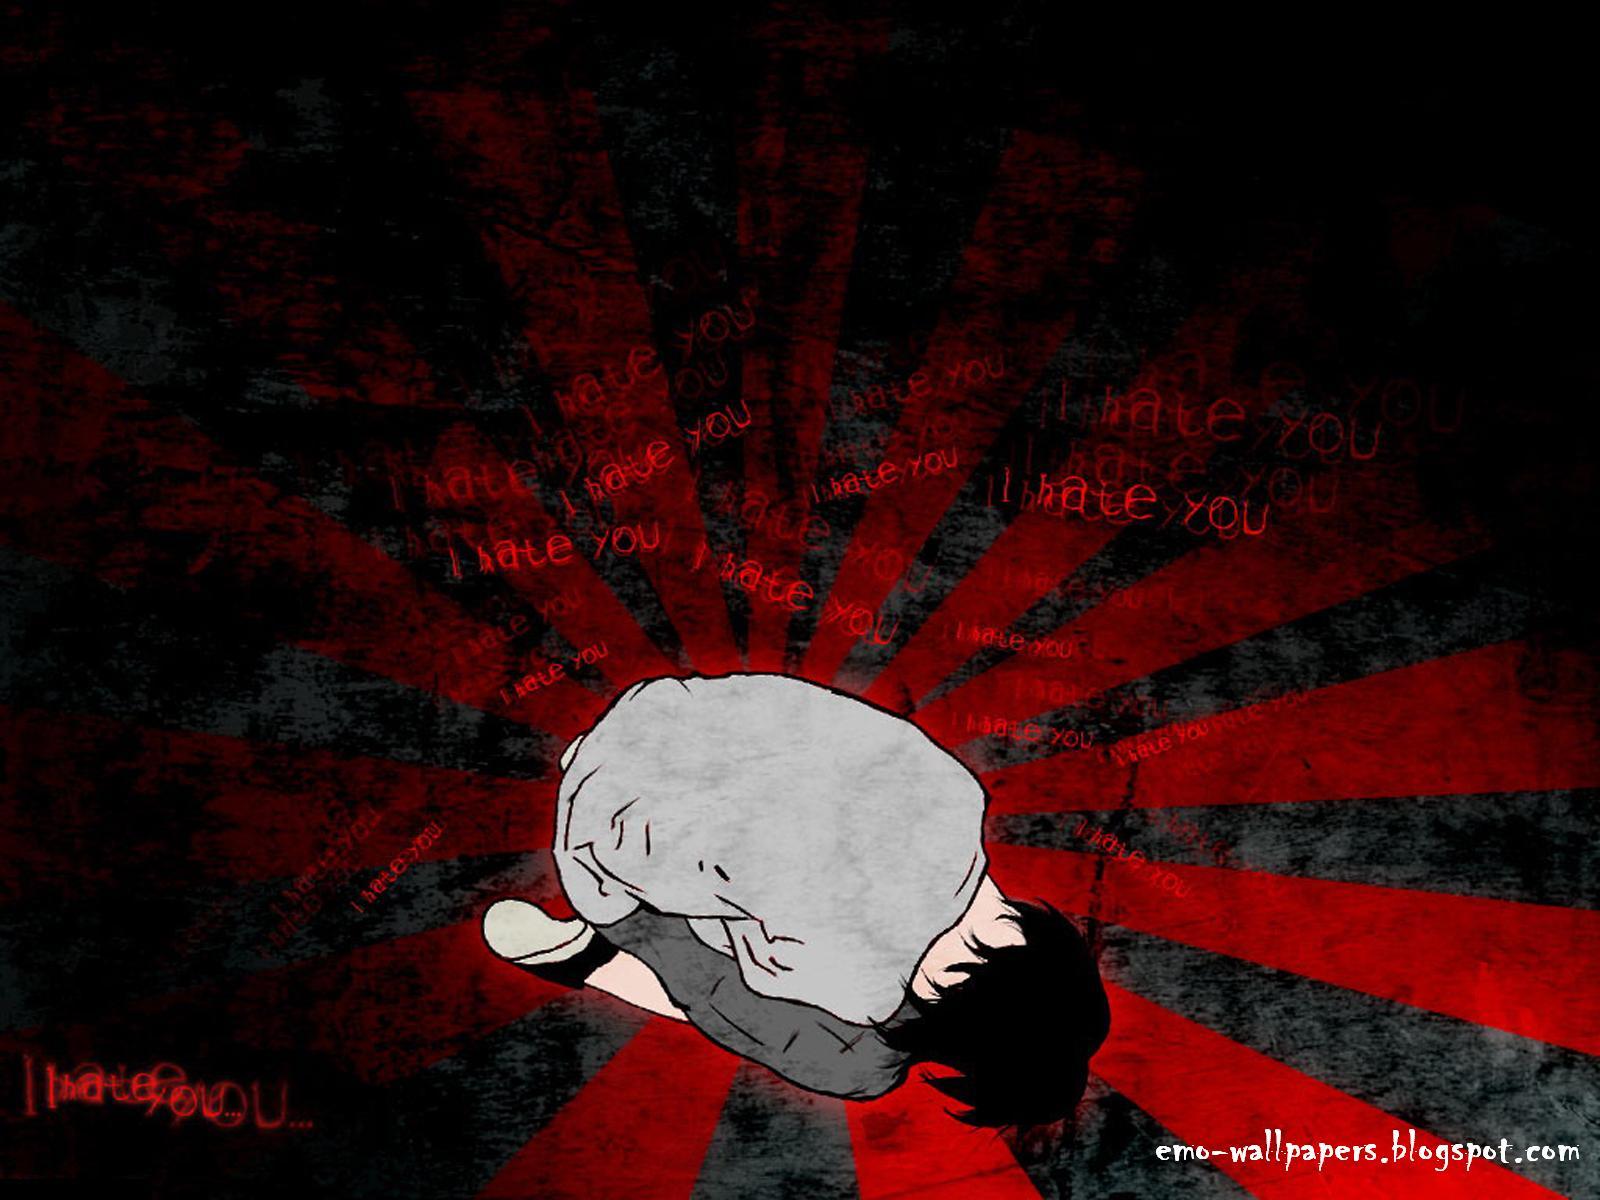 http://4.bp.blogspot.com/_WmfnL79SyIE/TFJw3j19WTI/AAAAAAAACts/pbpyGZEMDI8/s1600/sad_emo_boy_wallpaper.jpg